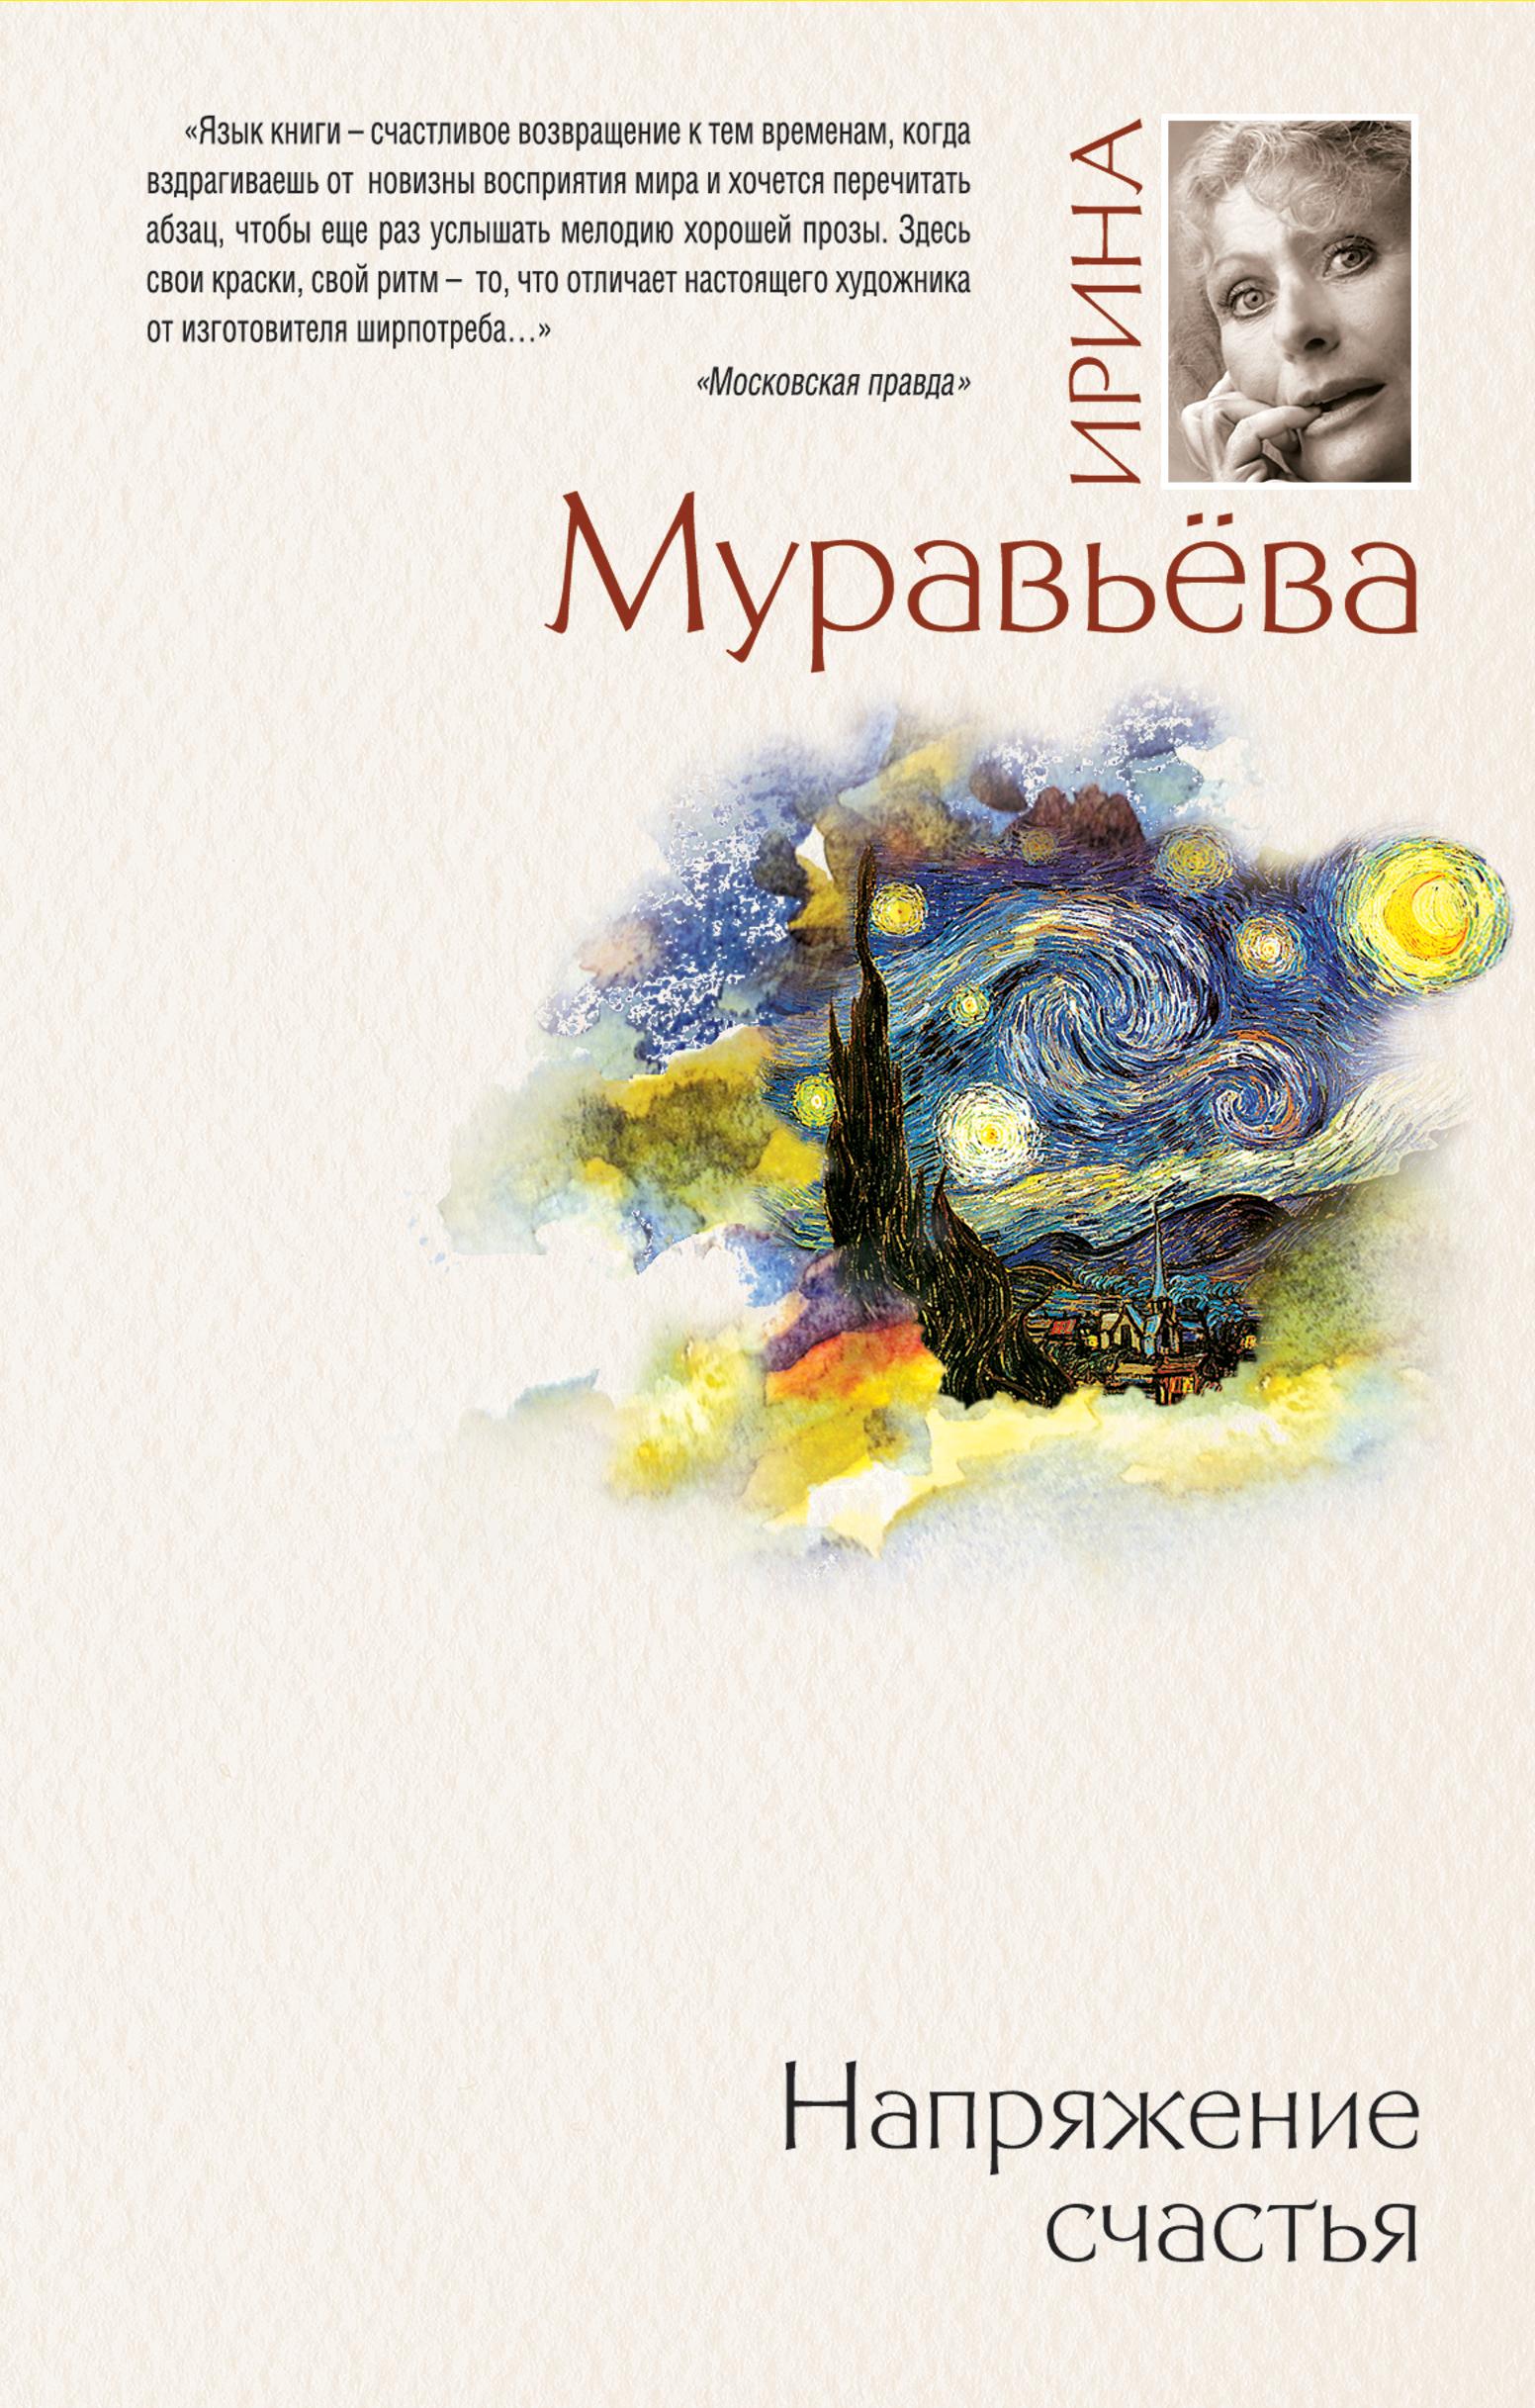 Ирина Муравьева Напряжение счастья (сборник) профет э к родственные души и близнецовые пламена духовный аспект любви и взаимоотношений